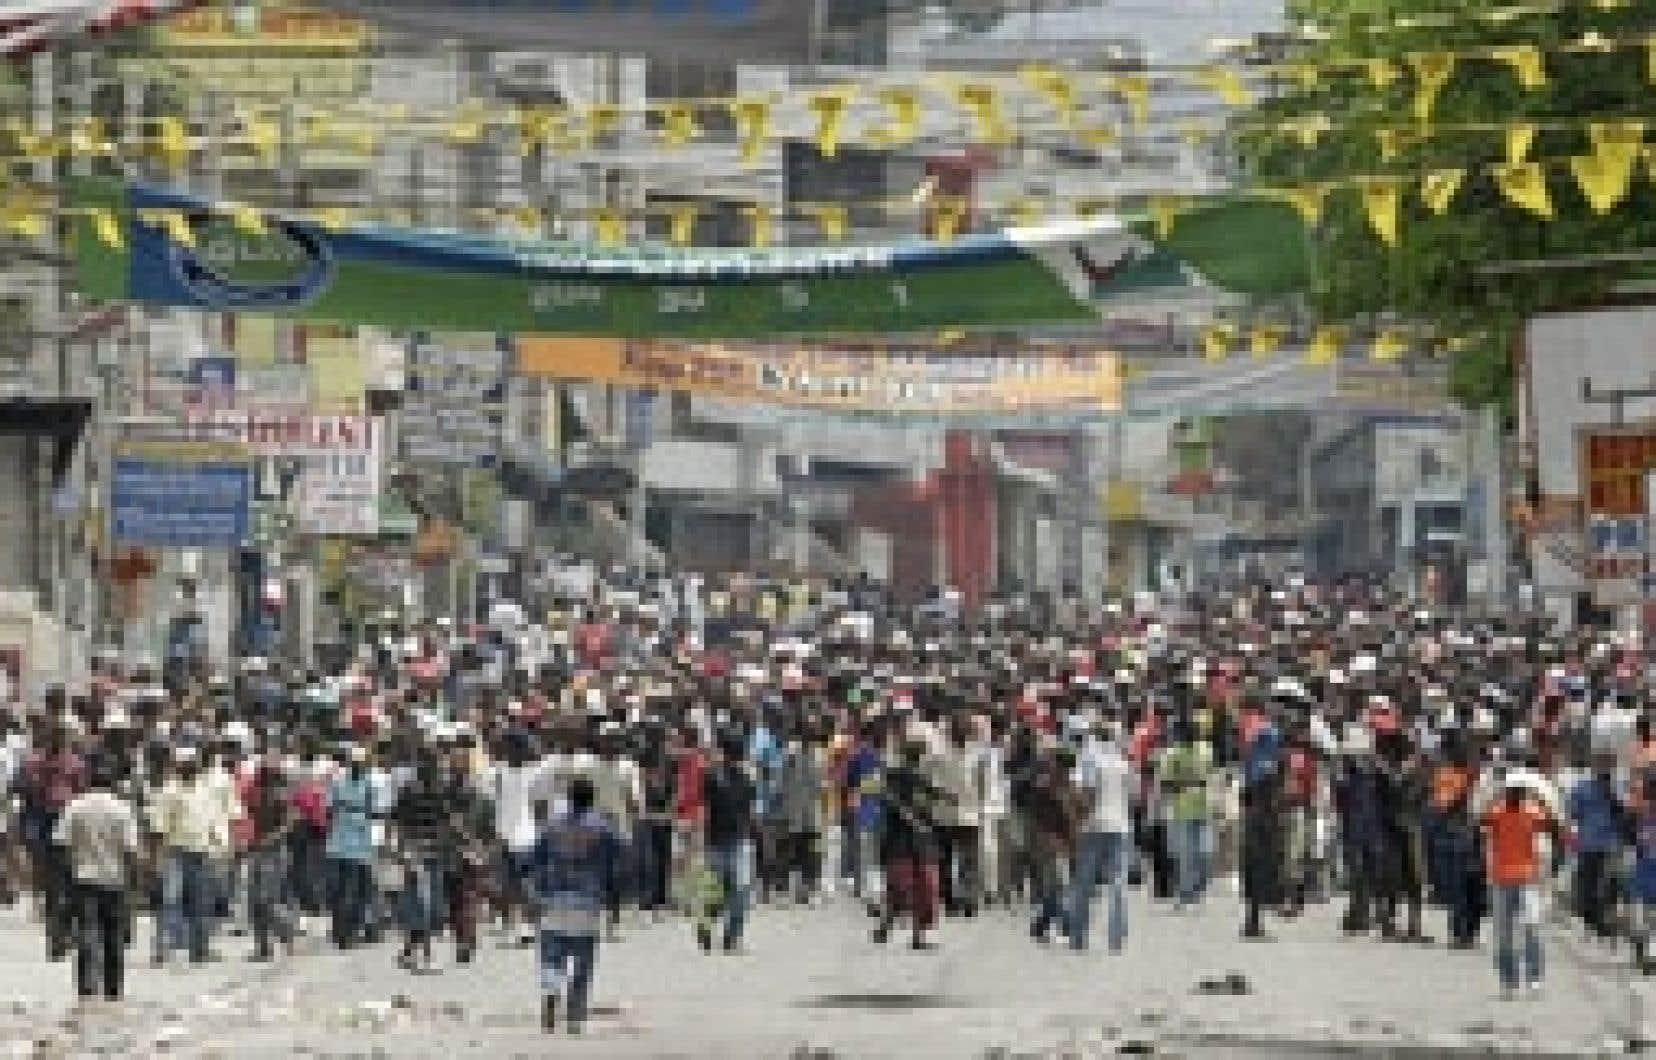 Les manifestants à Port-au-Prince ont reconstruit mercredi les barrages que les forces de l'ordre avaient été détruits au cours de la nuit.